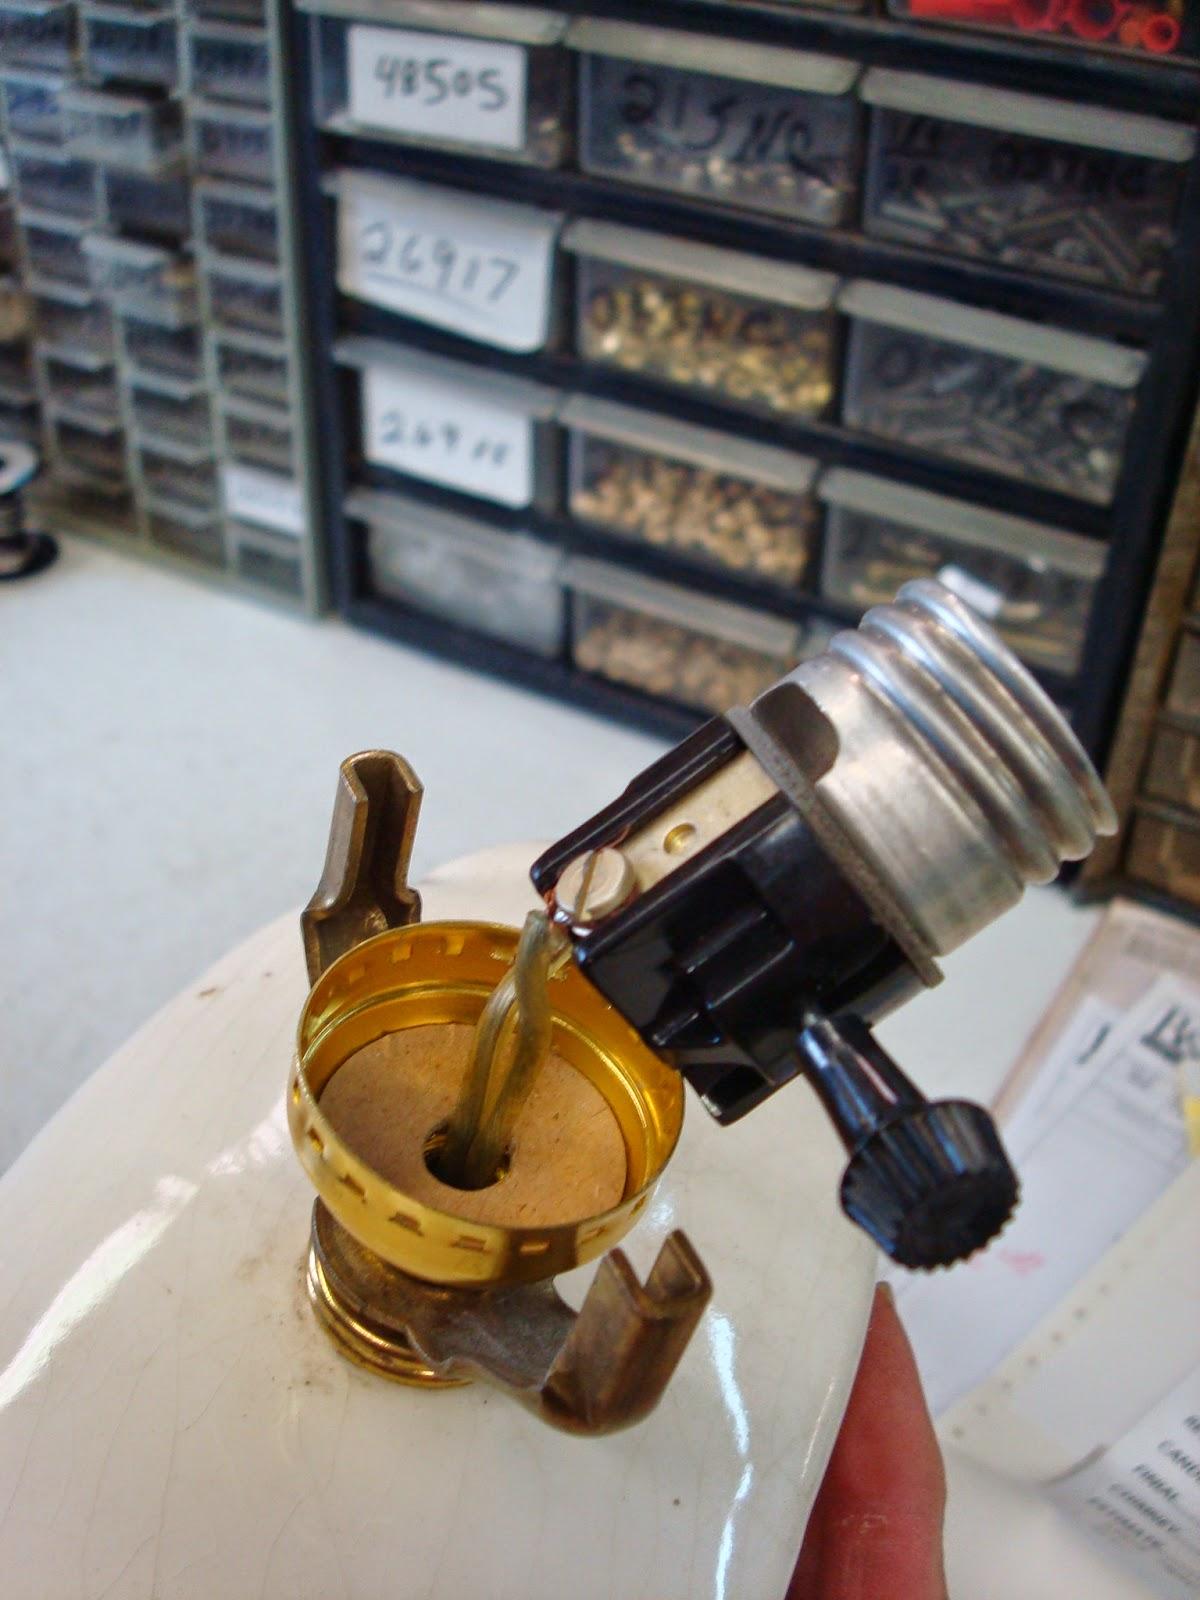 Lamp Parts and Repair   Lamp Doctor: Repair Tips